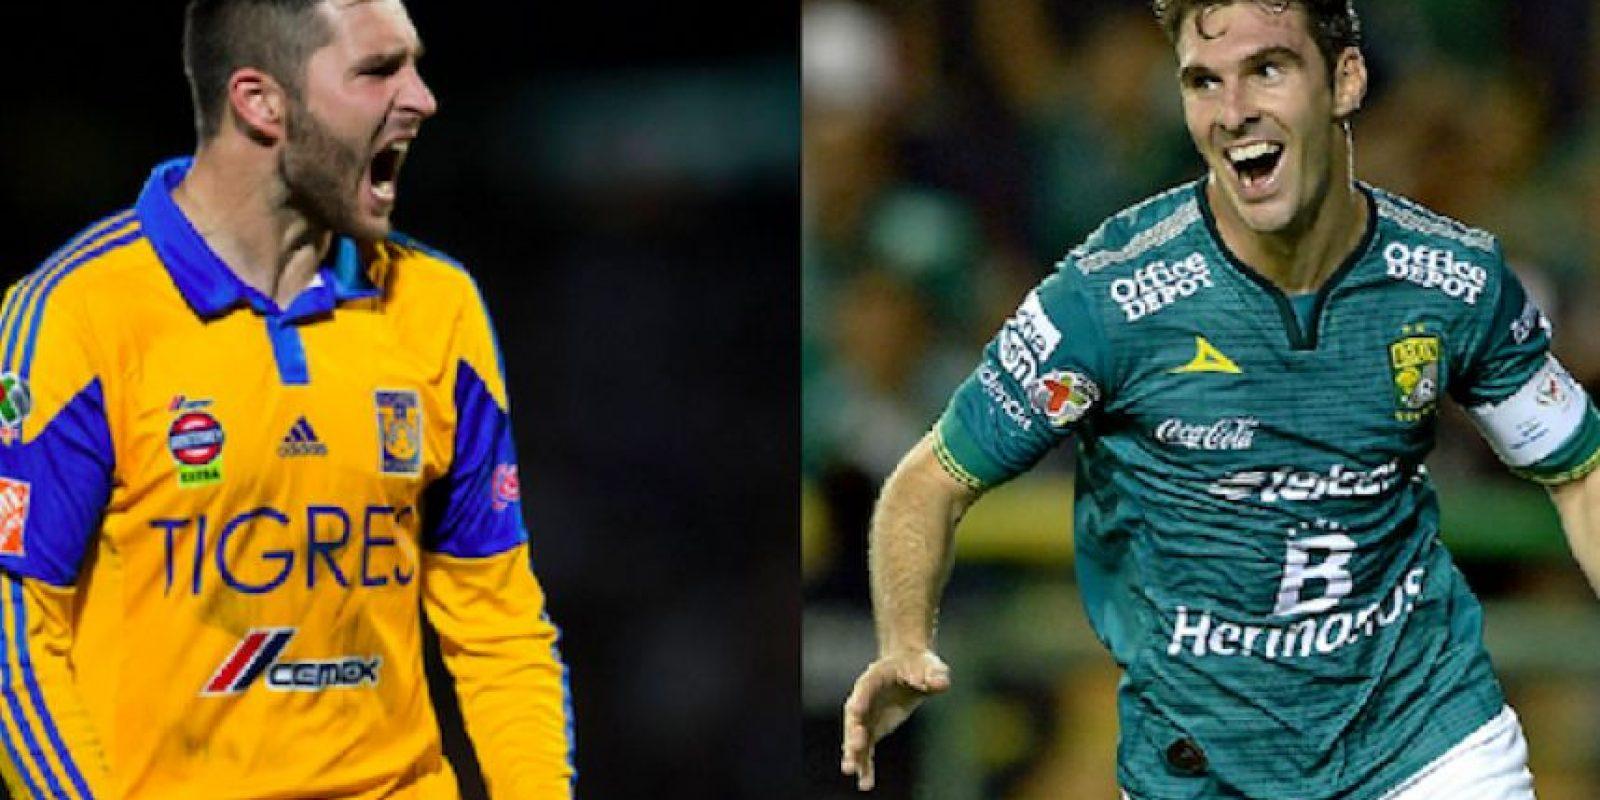 André-Pierre Gignac (Tigres) y Mauro Boselli (León) protagonizaron una peculiar conversación en Twitter. Foto:Especial